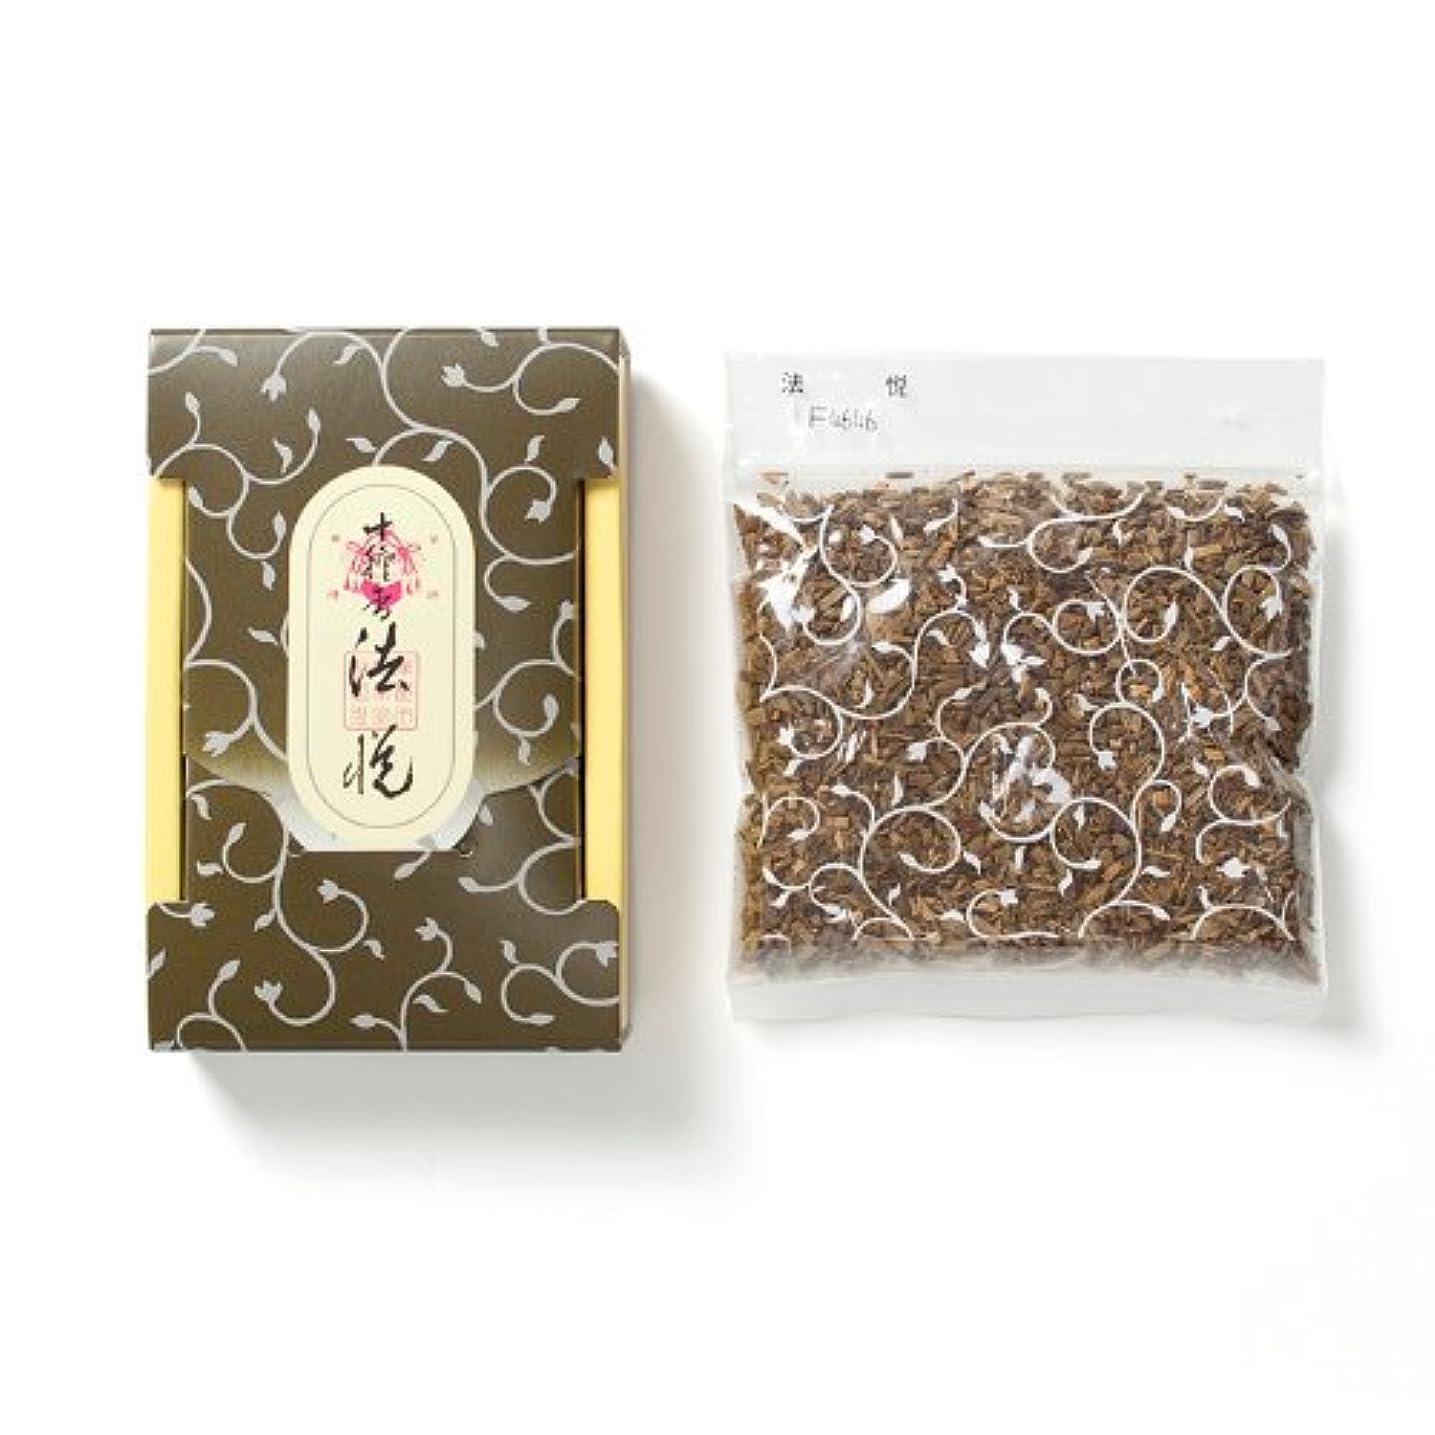 混合したバラ色別に松栄堂のお焼香 十種香 法悦 25g詰 小箱入 #411041